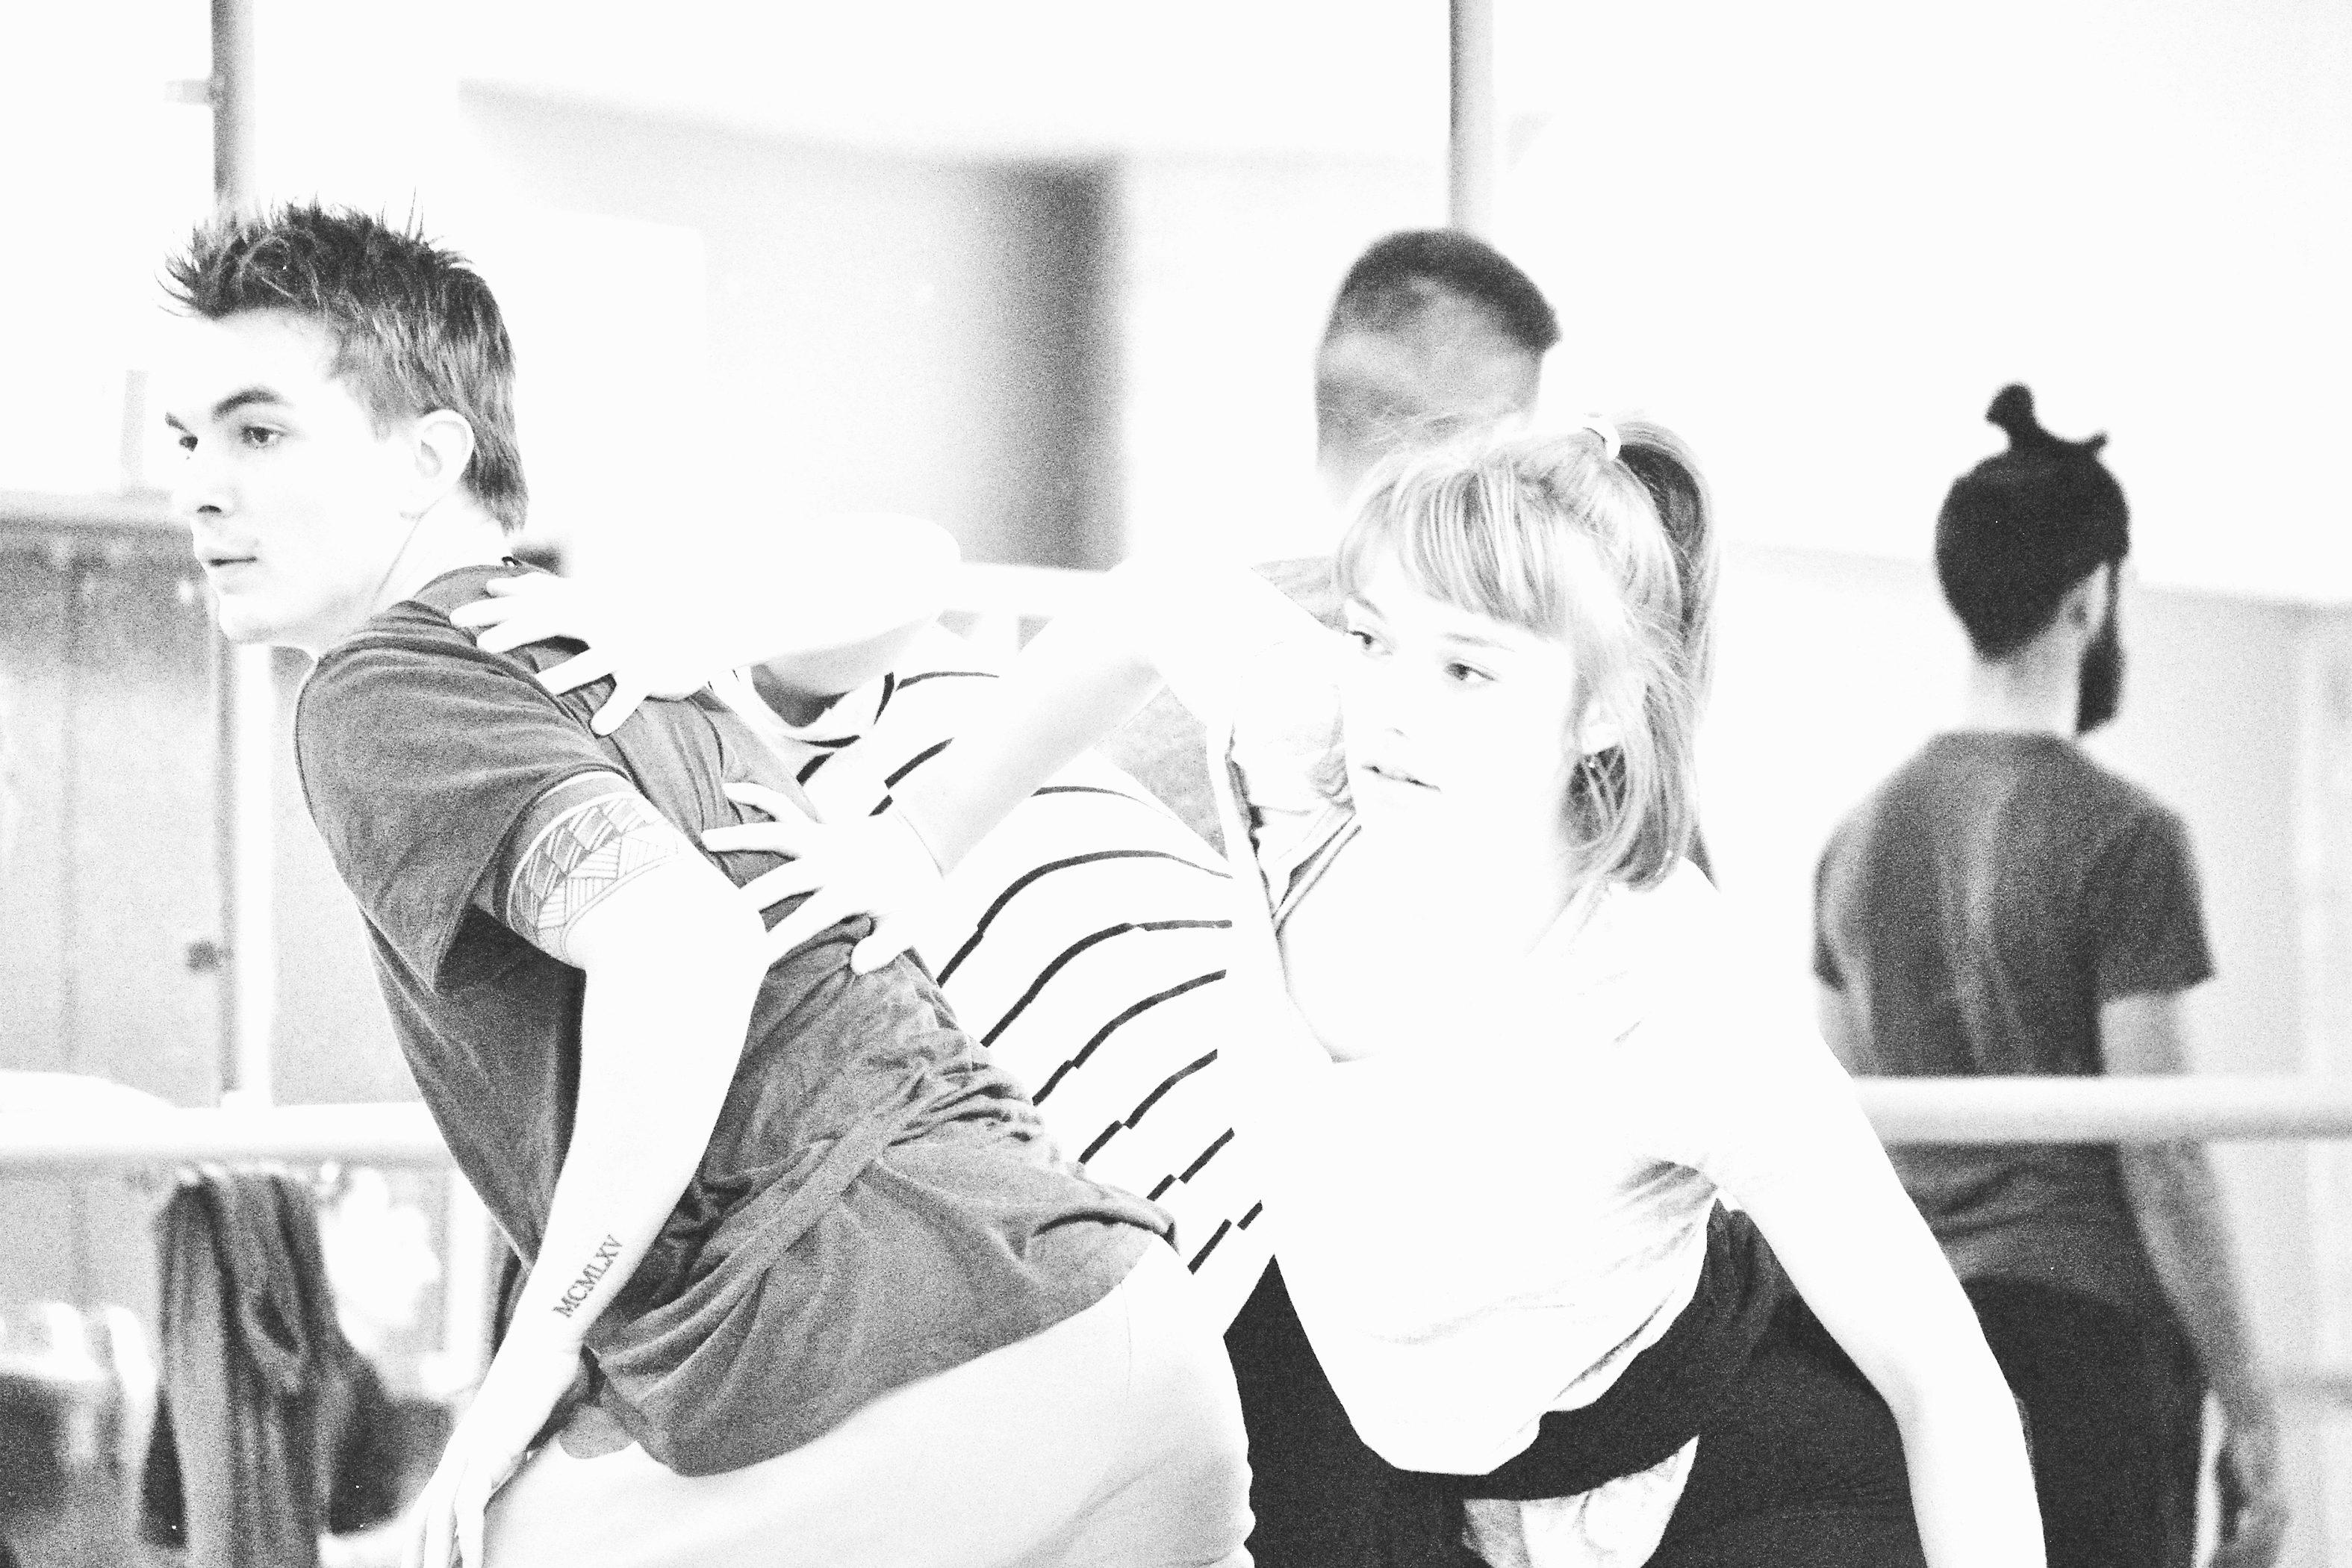 al_ryersondancerehearsals_megs_body7